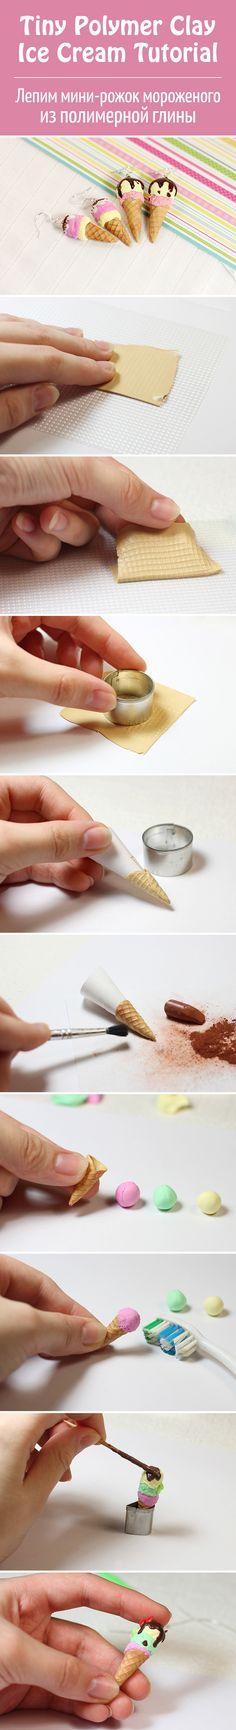 Лепим миниатюрный рожок мороженого из полимерной глины / Tiny Polymer clay Ice Cream Tutorial #diy